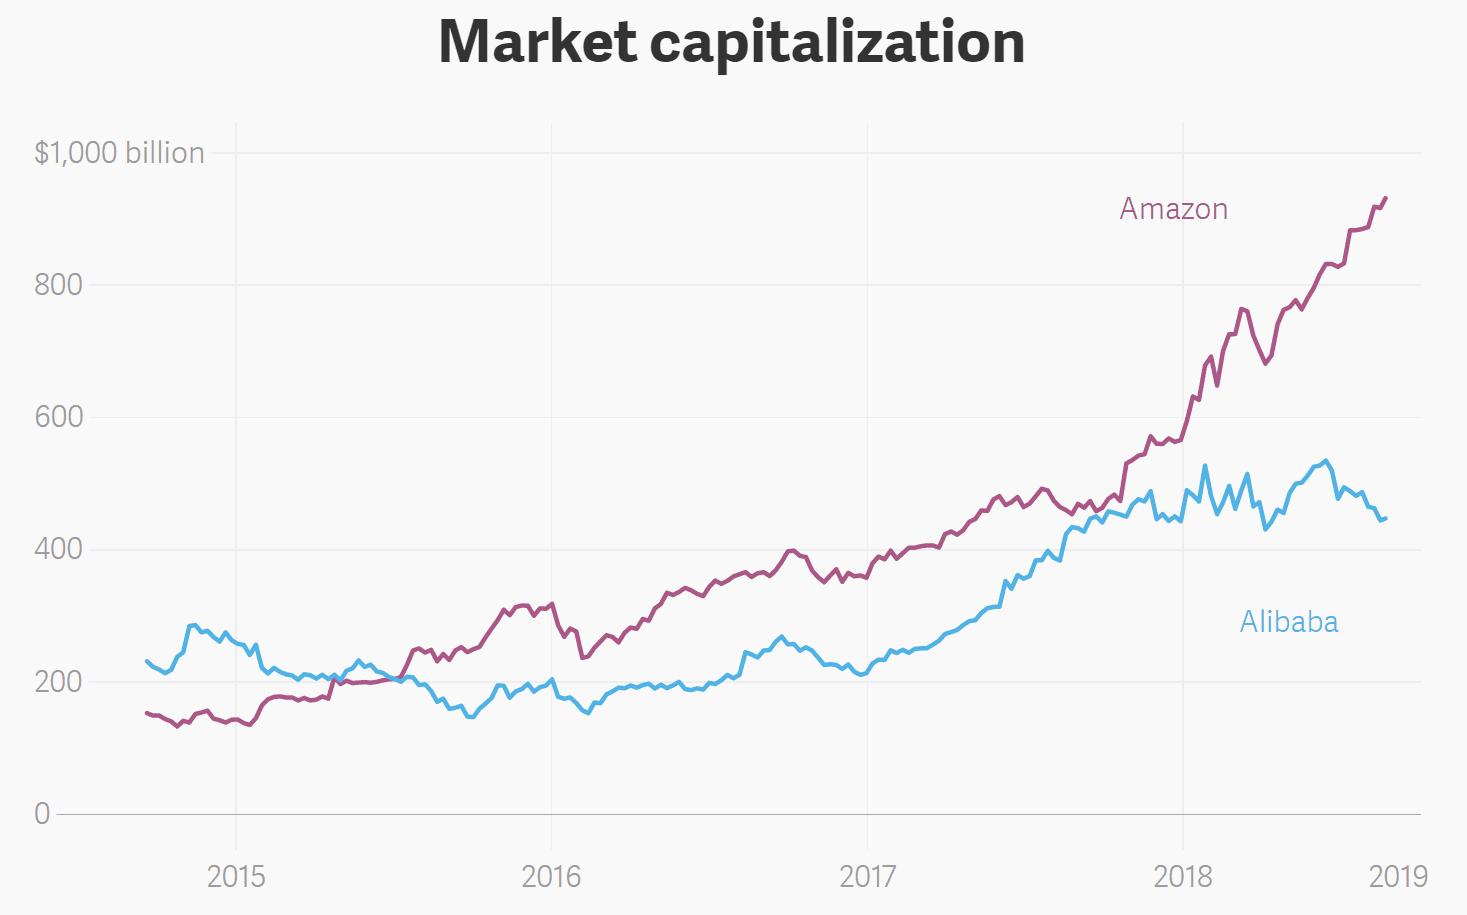 아마존 & 알리바바 시가총액 추이(Market Capitaization of Amazon & Alibaba)